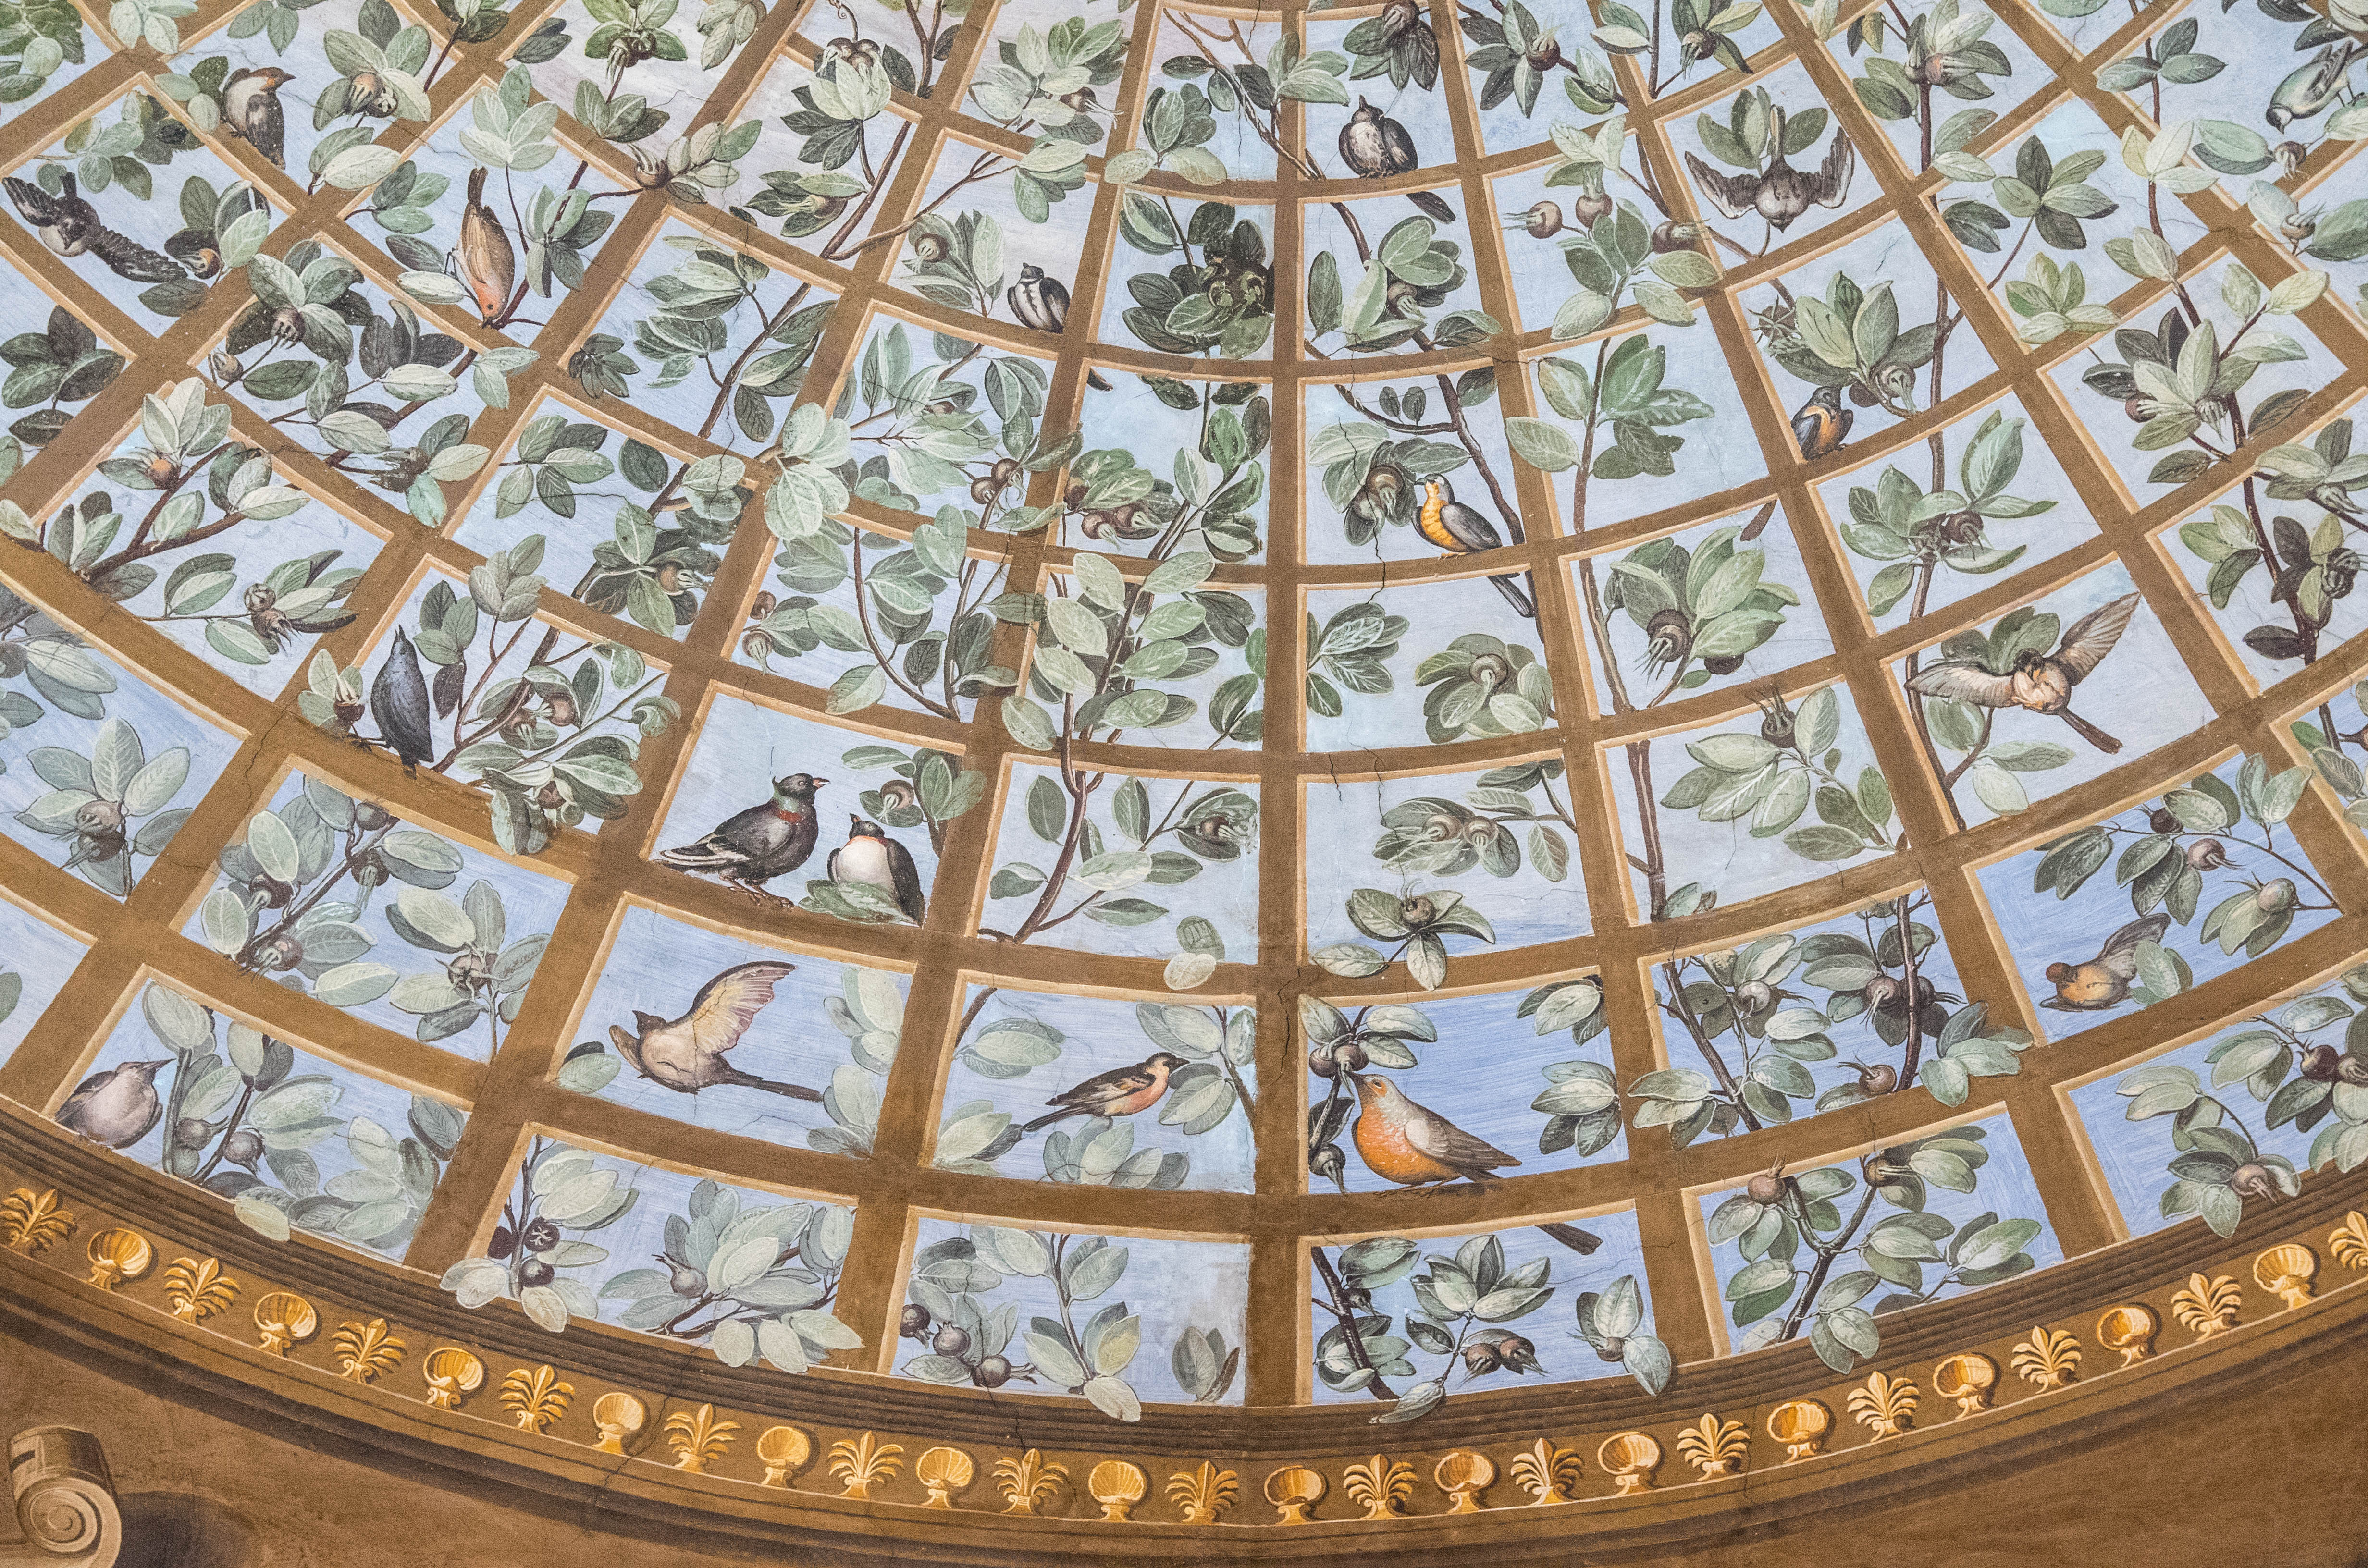 Uffizi Gallery - Florence